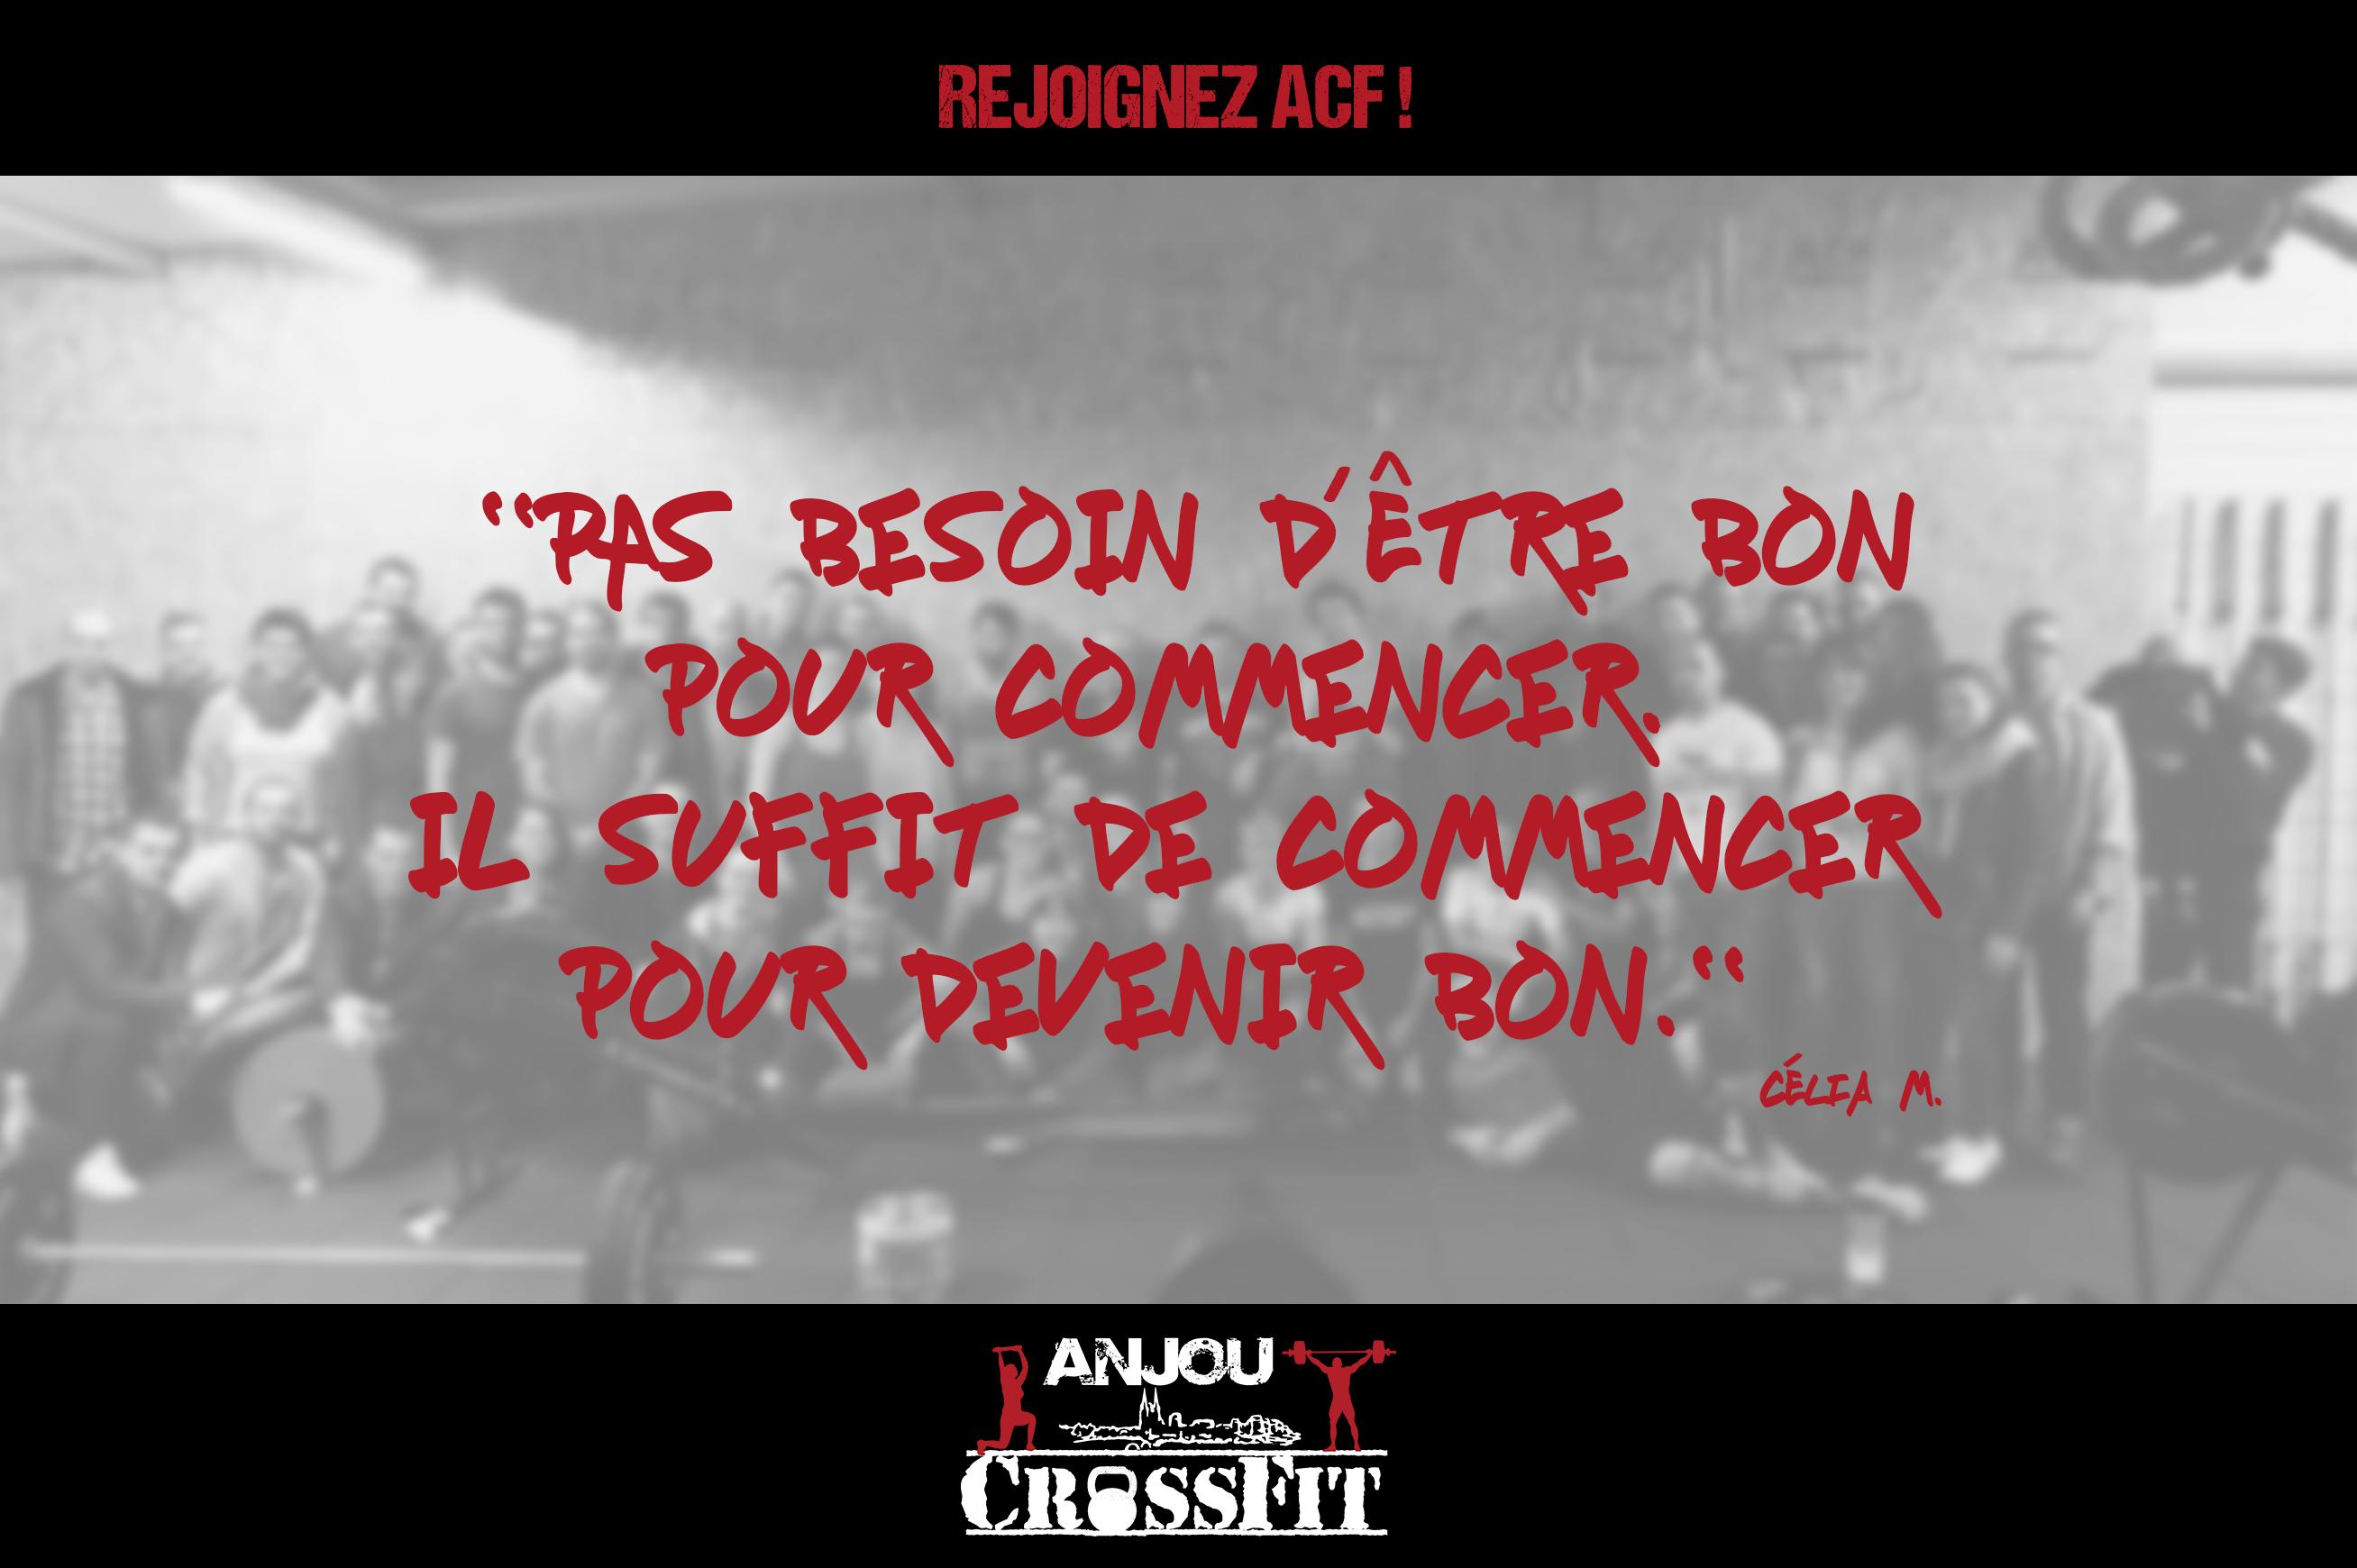 anjou-crossfit-angers-avrillé-pont-de-cé-communauté-inscriptions-citation